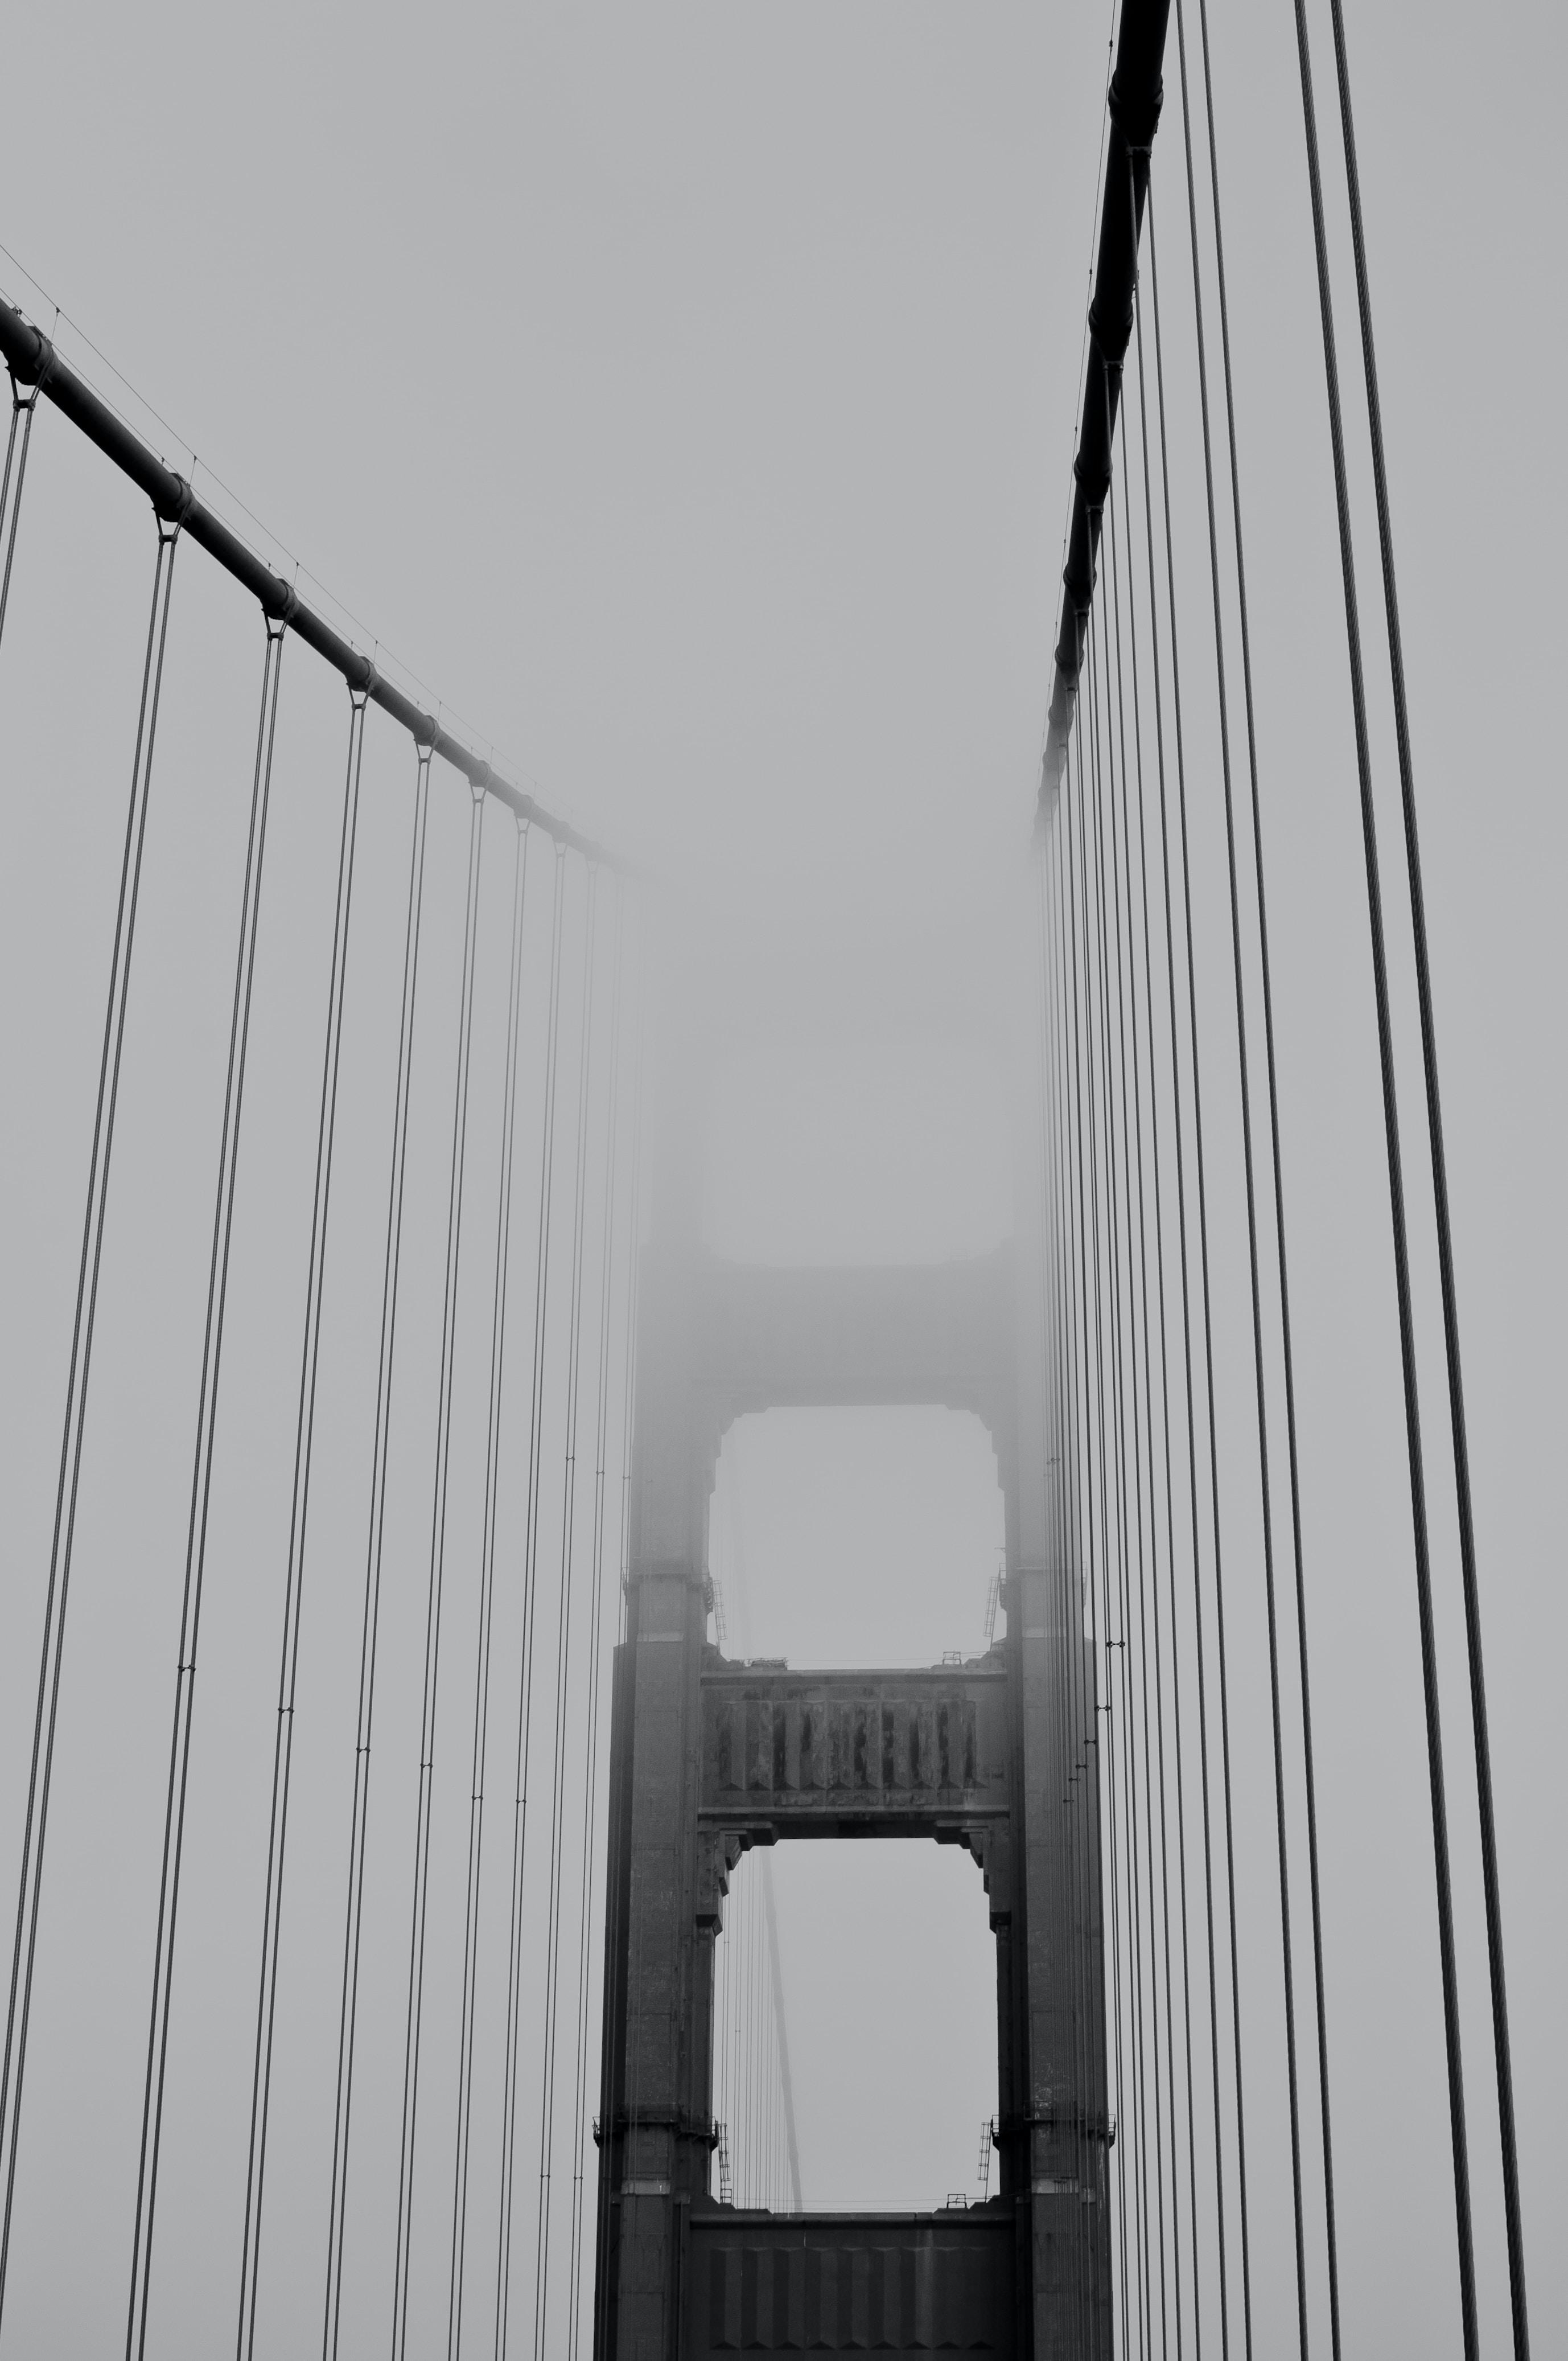 Bridge cables of Golden Gate hidden in fog